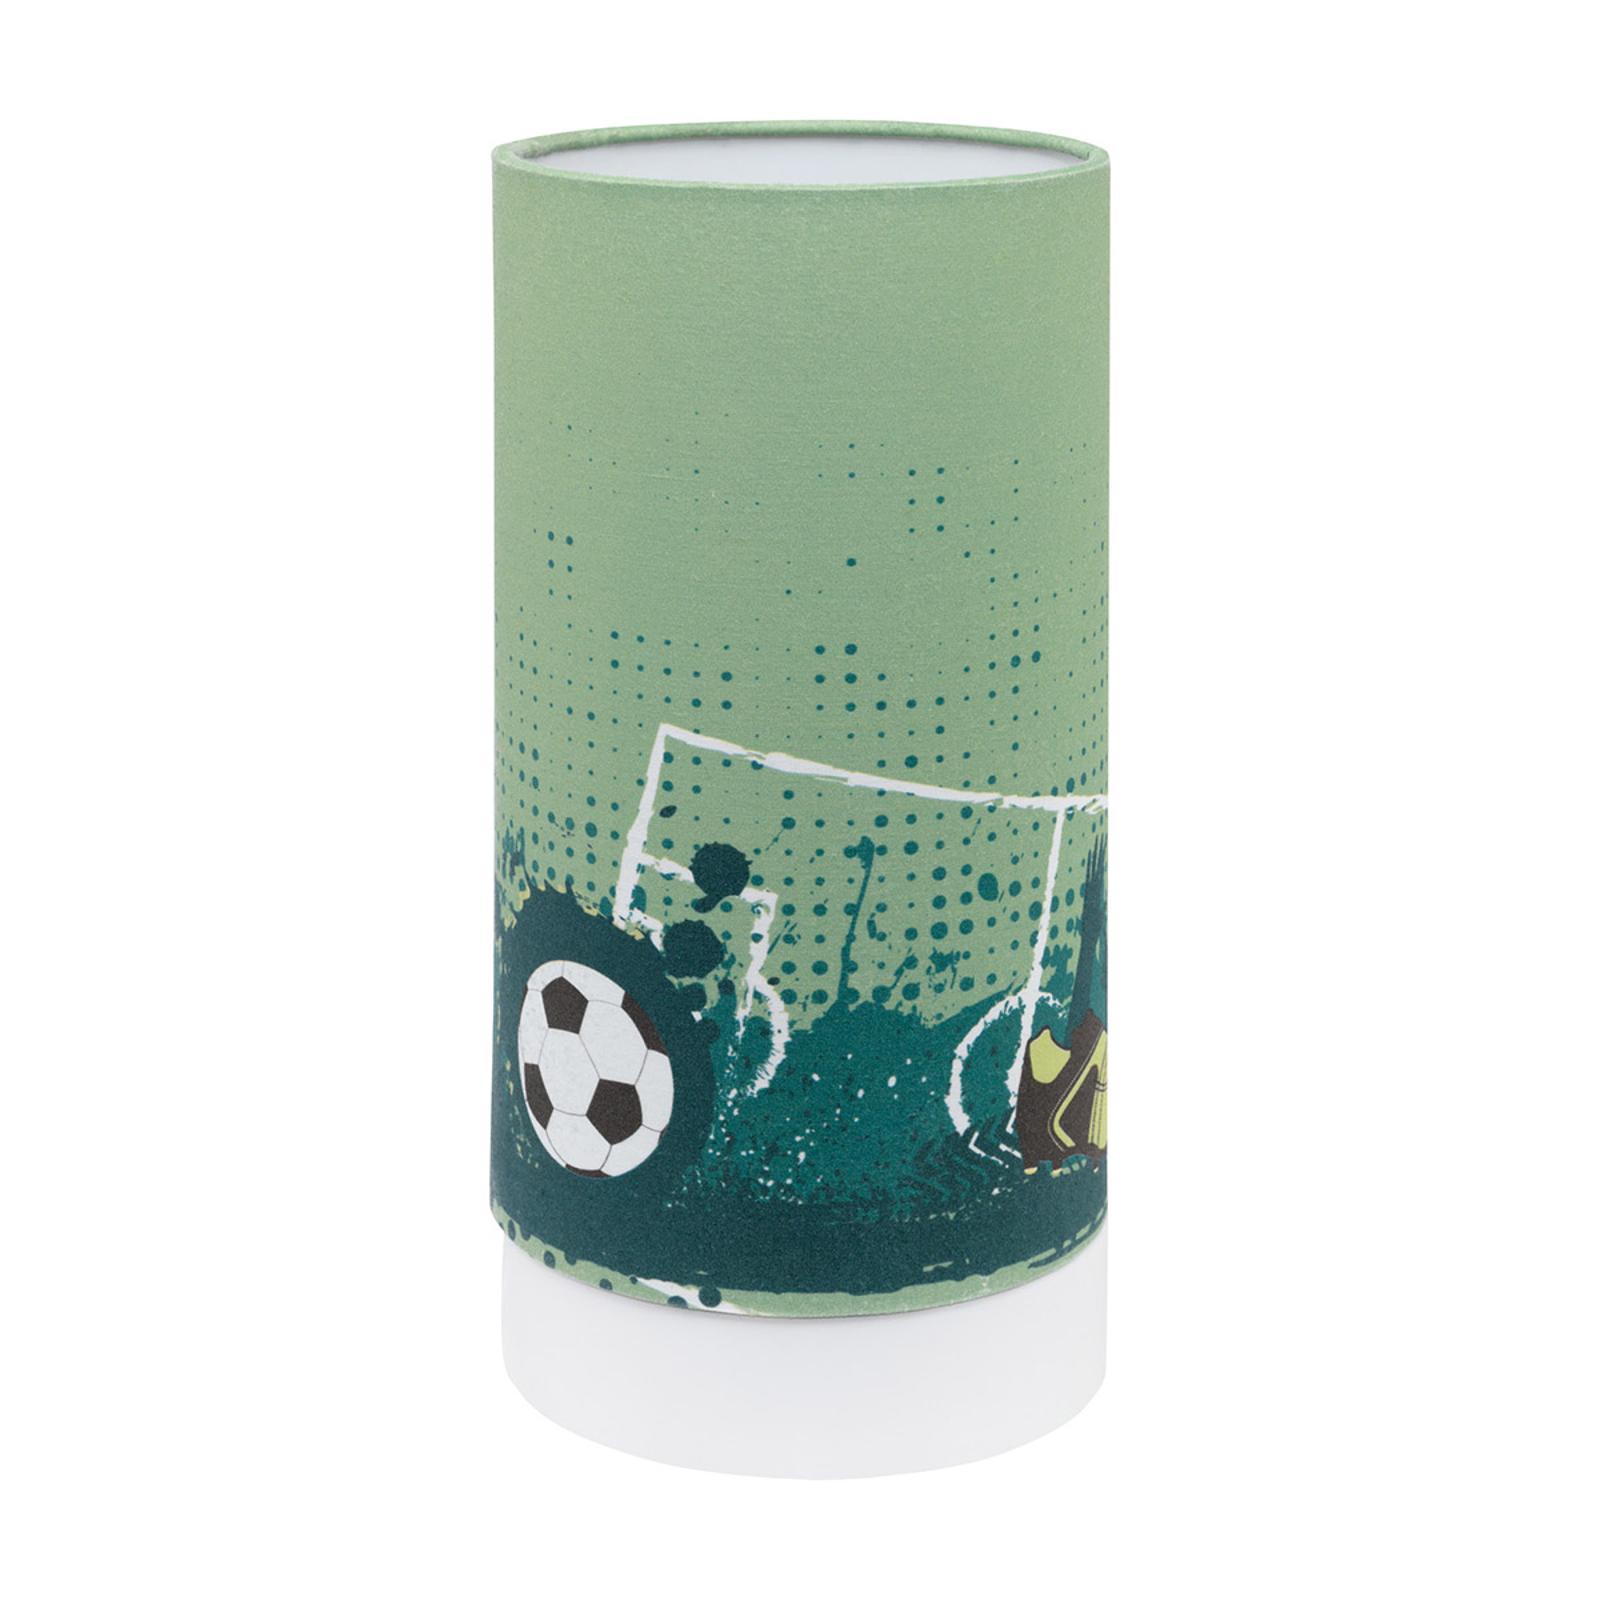 LED-Tischleuchte Tabara mit Fußball-Motiv